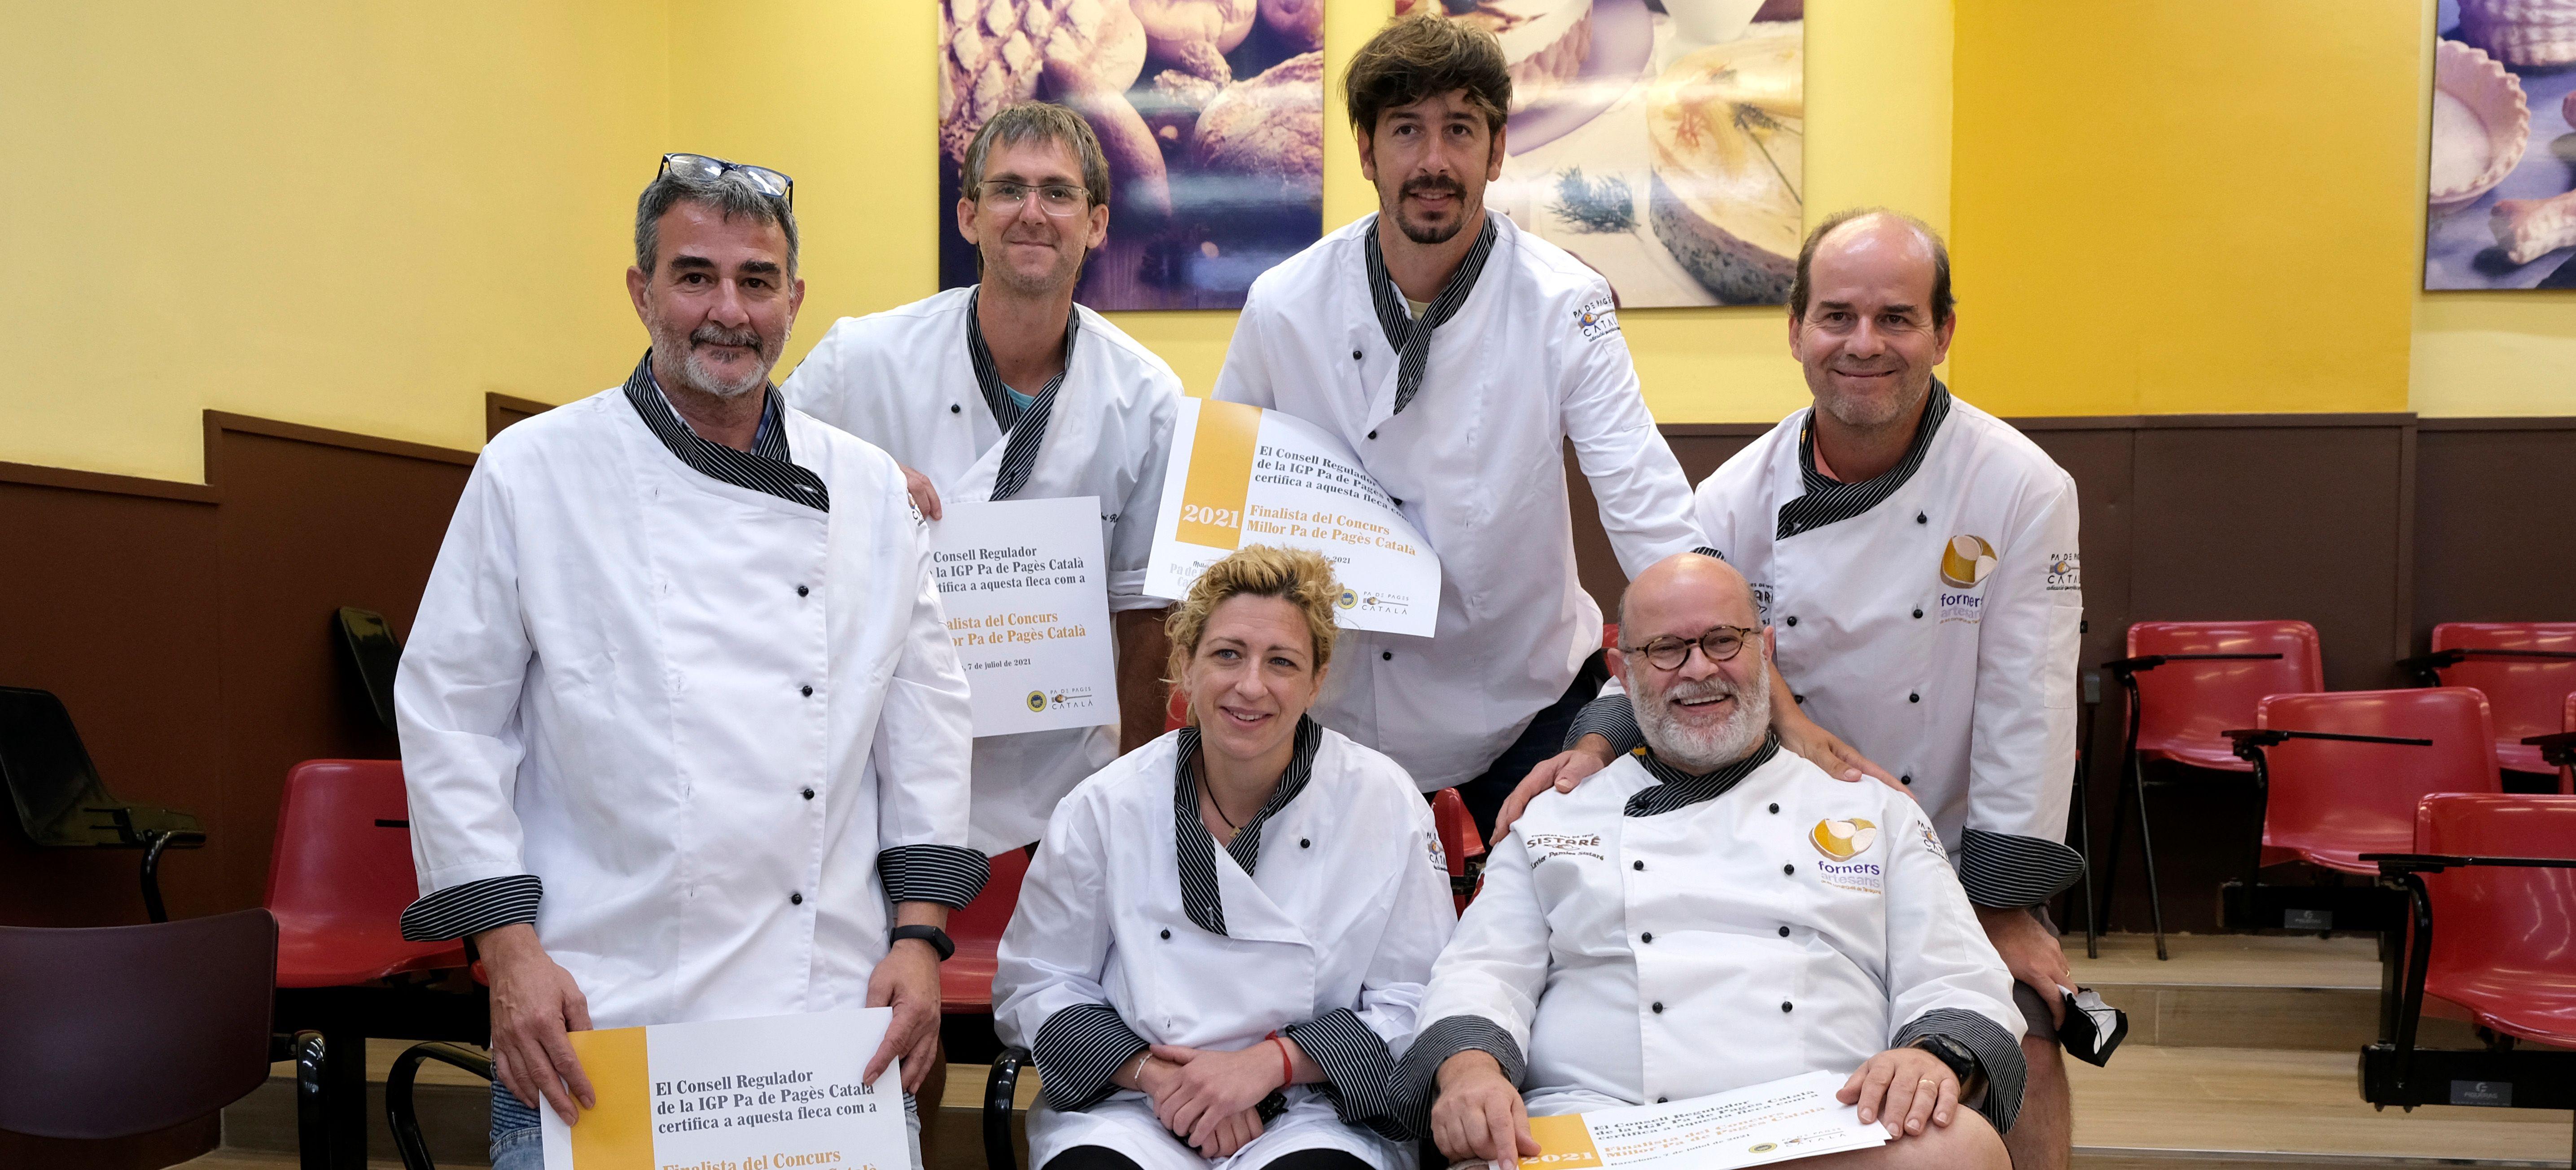 Los cinco finalistas del Concurso Millor Pa de Pagès Català 2021